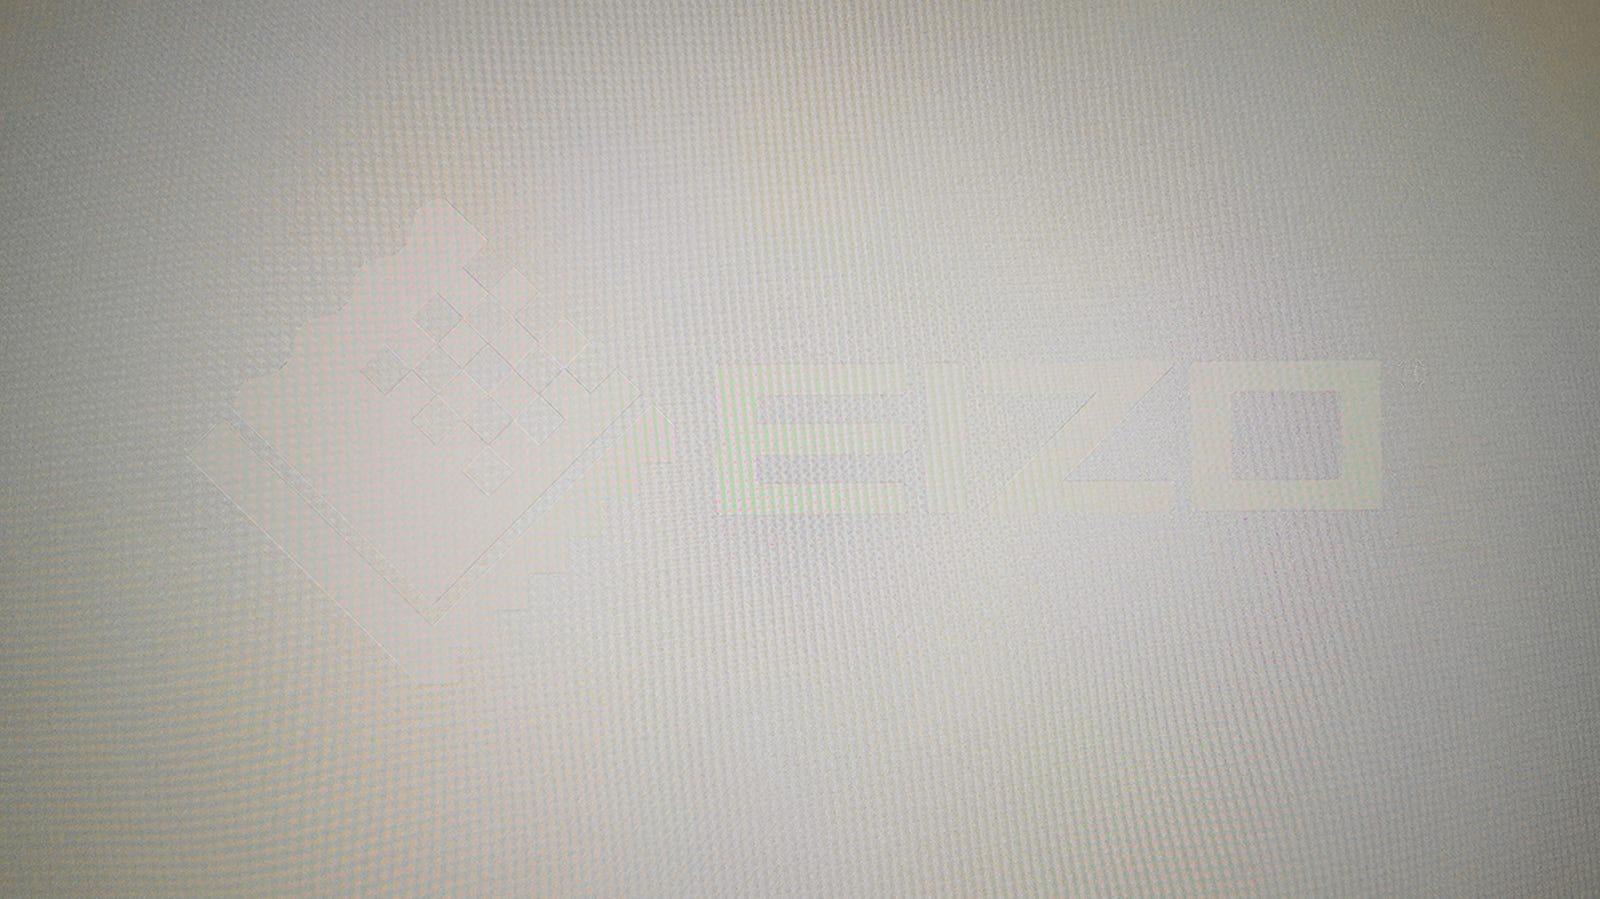 El logotipo del test para monitores Eizo, visto de frente.